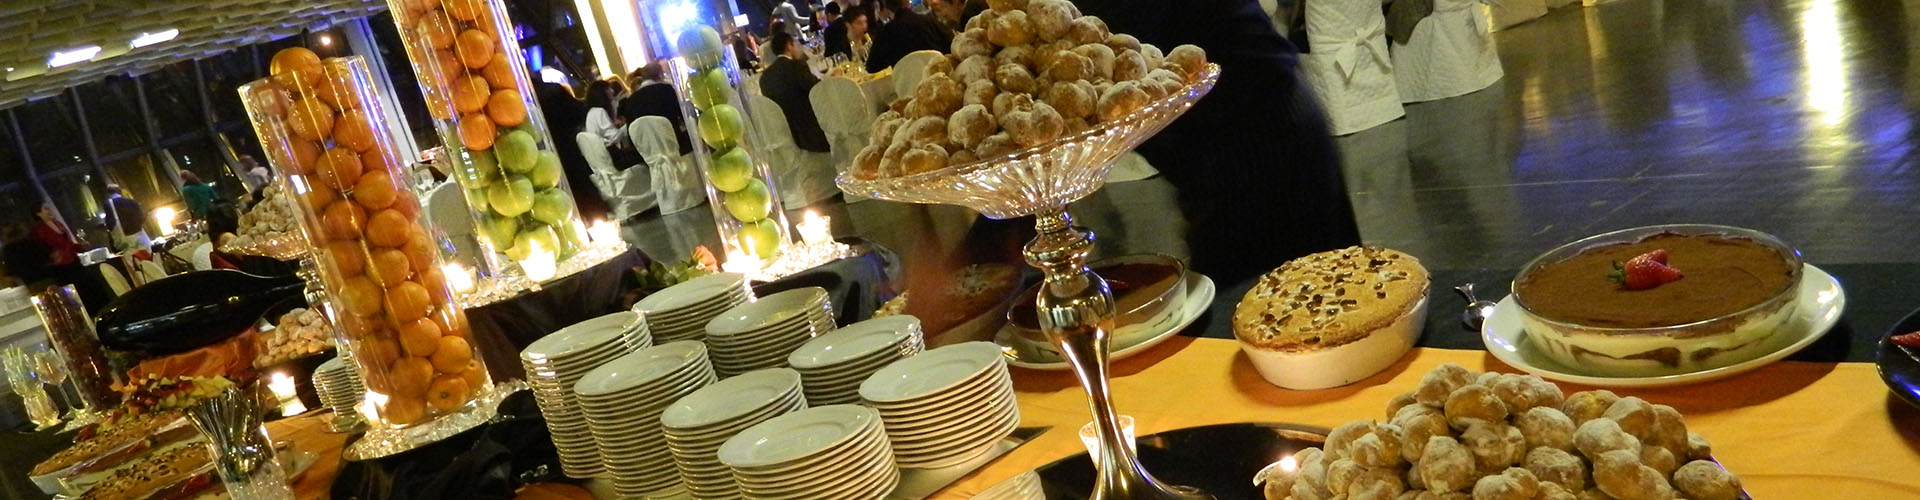 Congressi e catering